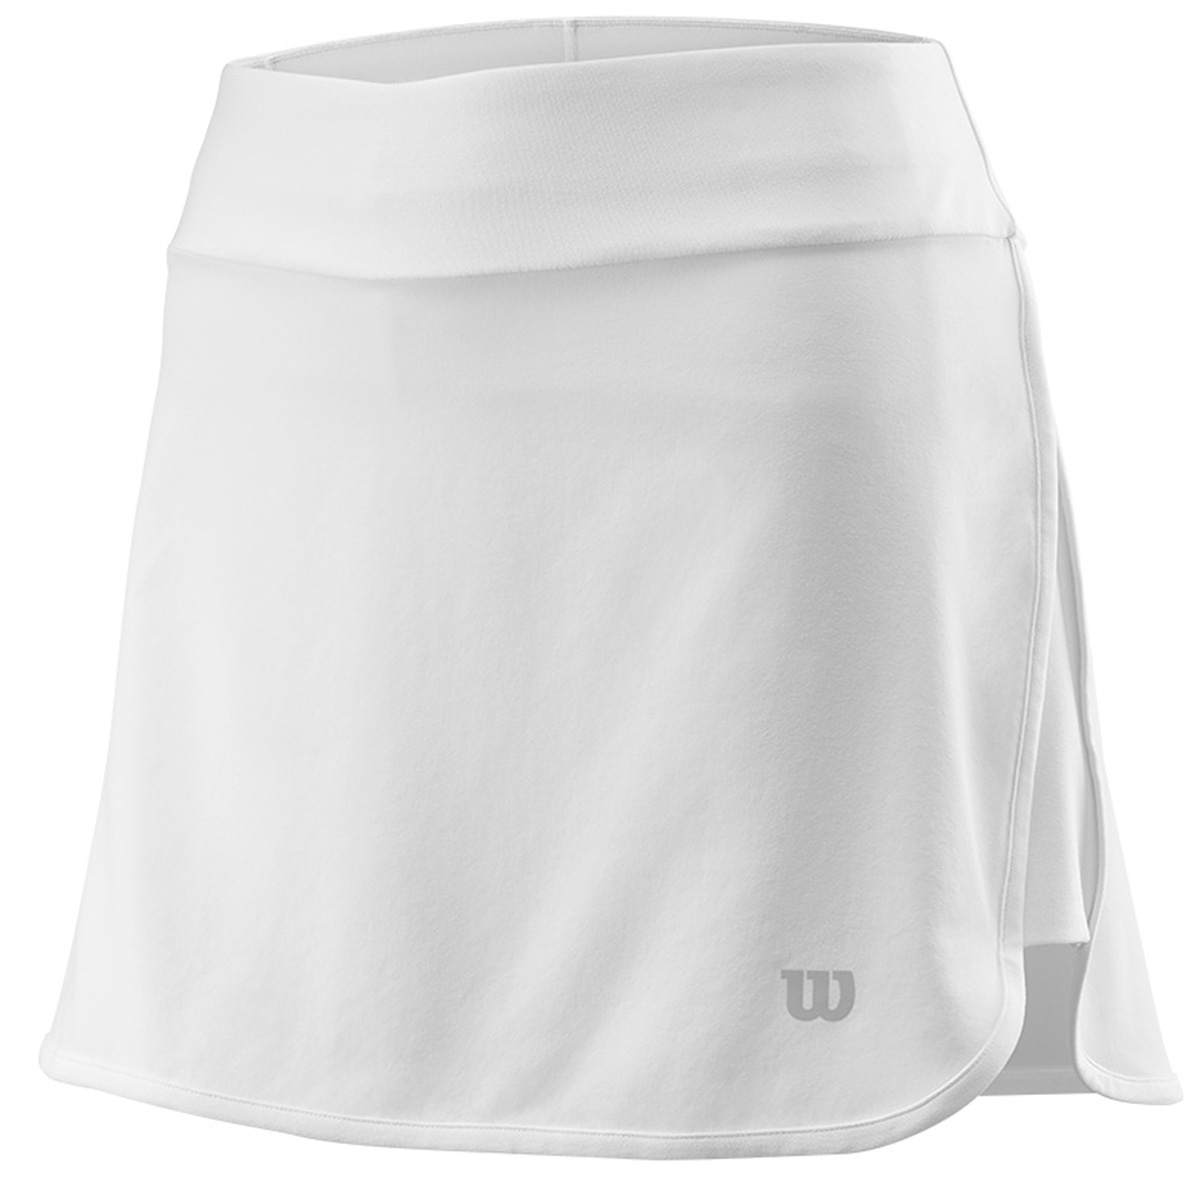 Юбка для тенниса Wilson Condition 13.5 Skirt, цвет: белый. WRA764402. Размер XS (40/42)WRA764402Юбка для тенниса от Wilson выполнена из эластичного трикотажа. Модель с эластичной резинкой на талии.